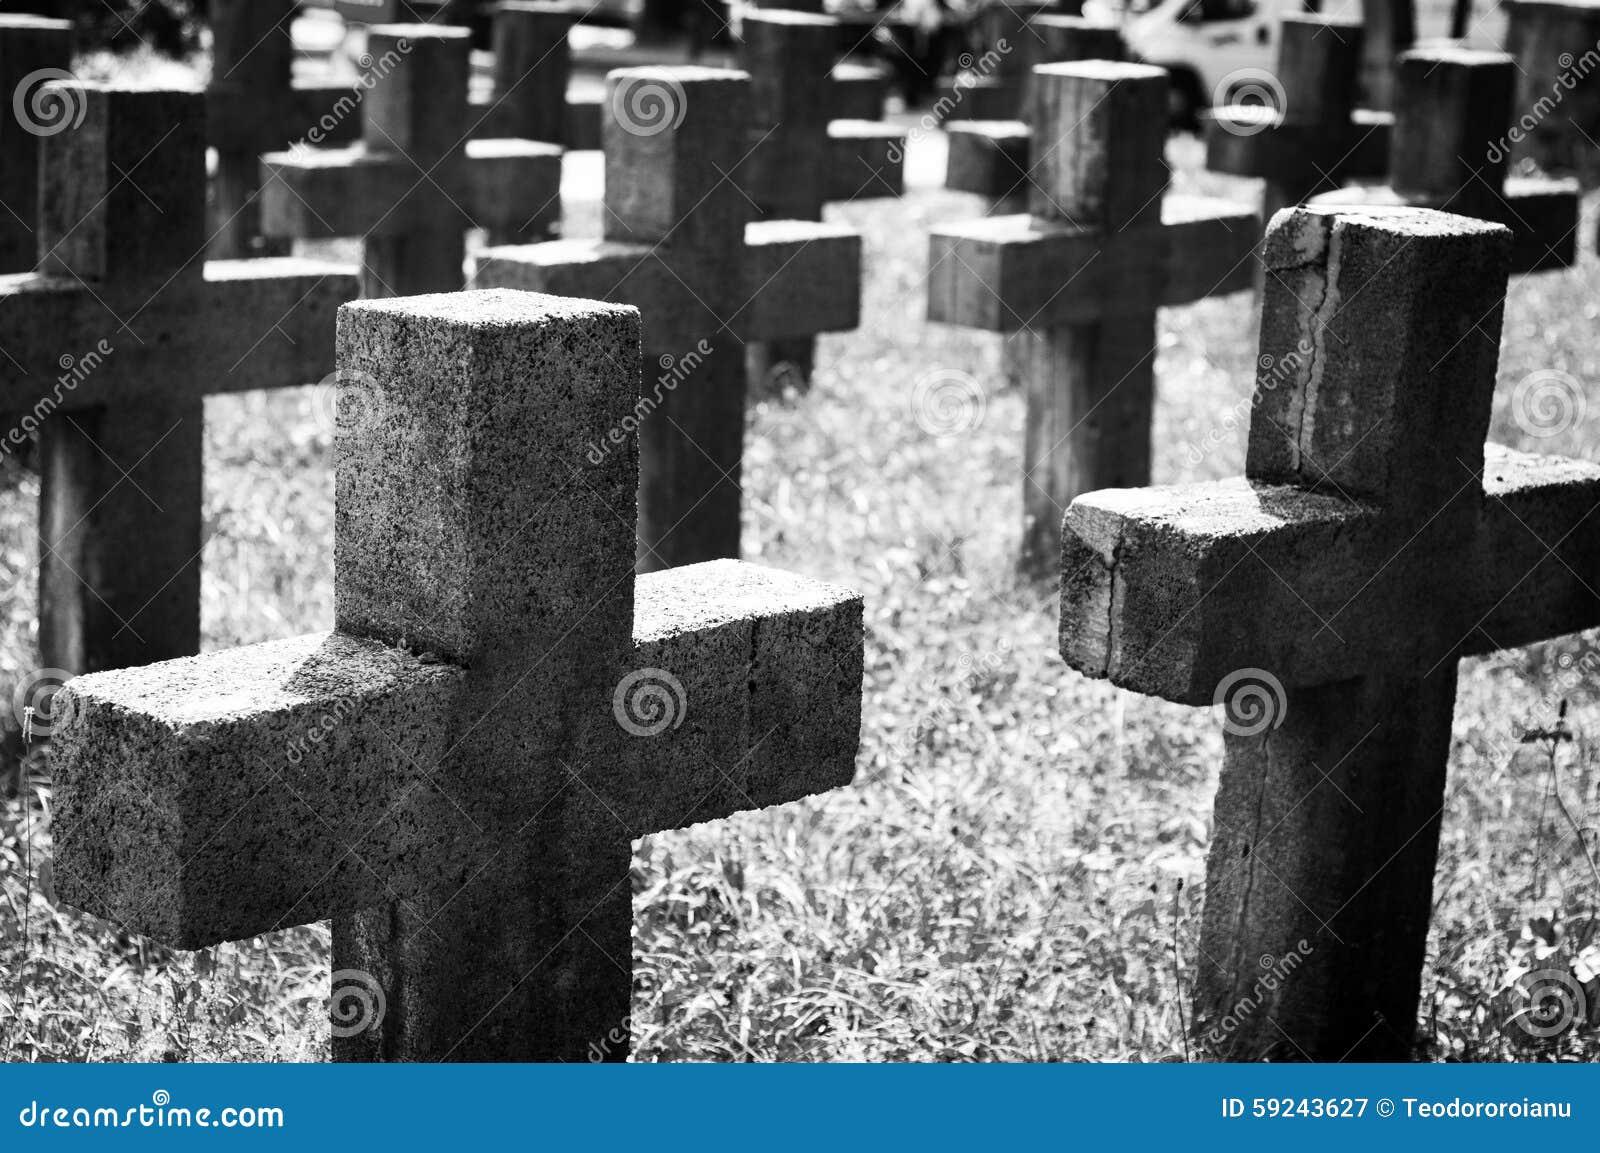 Download Cementerio blanco y negro imagen de archivo. Imagen de negro - 59243627